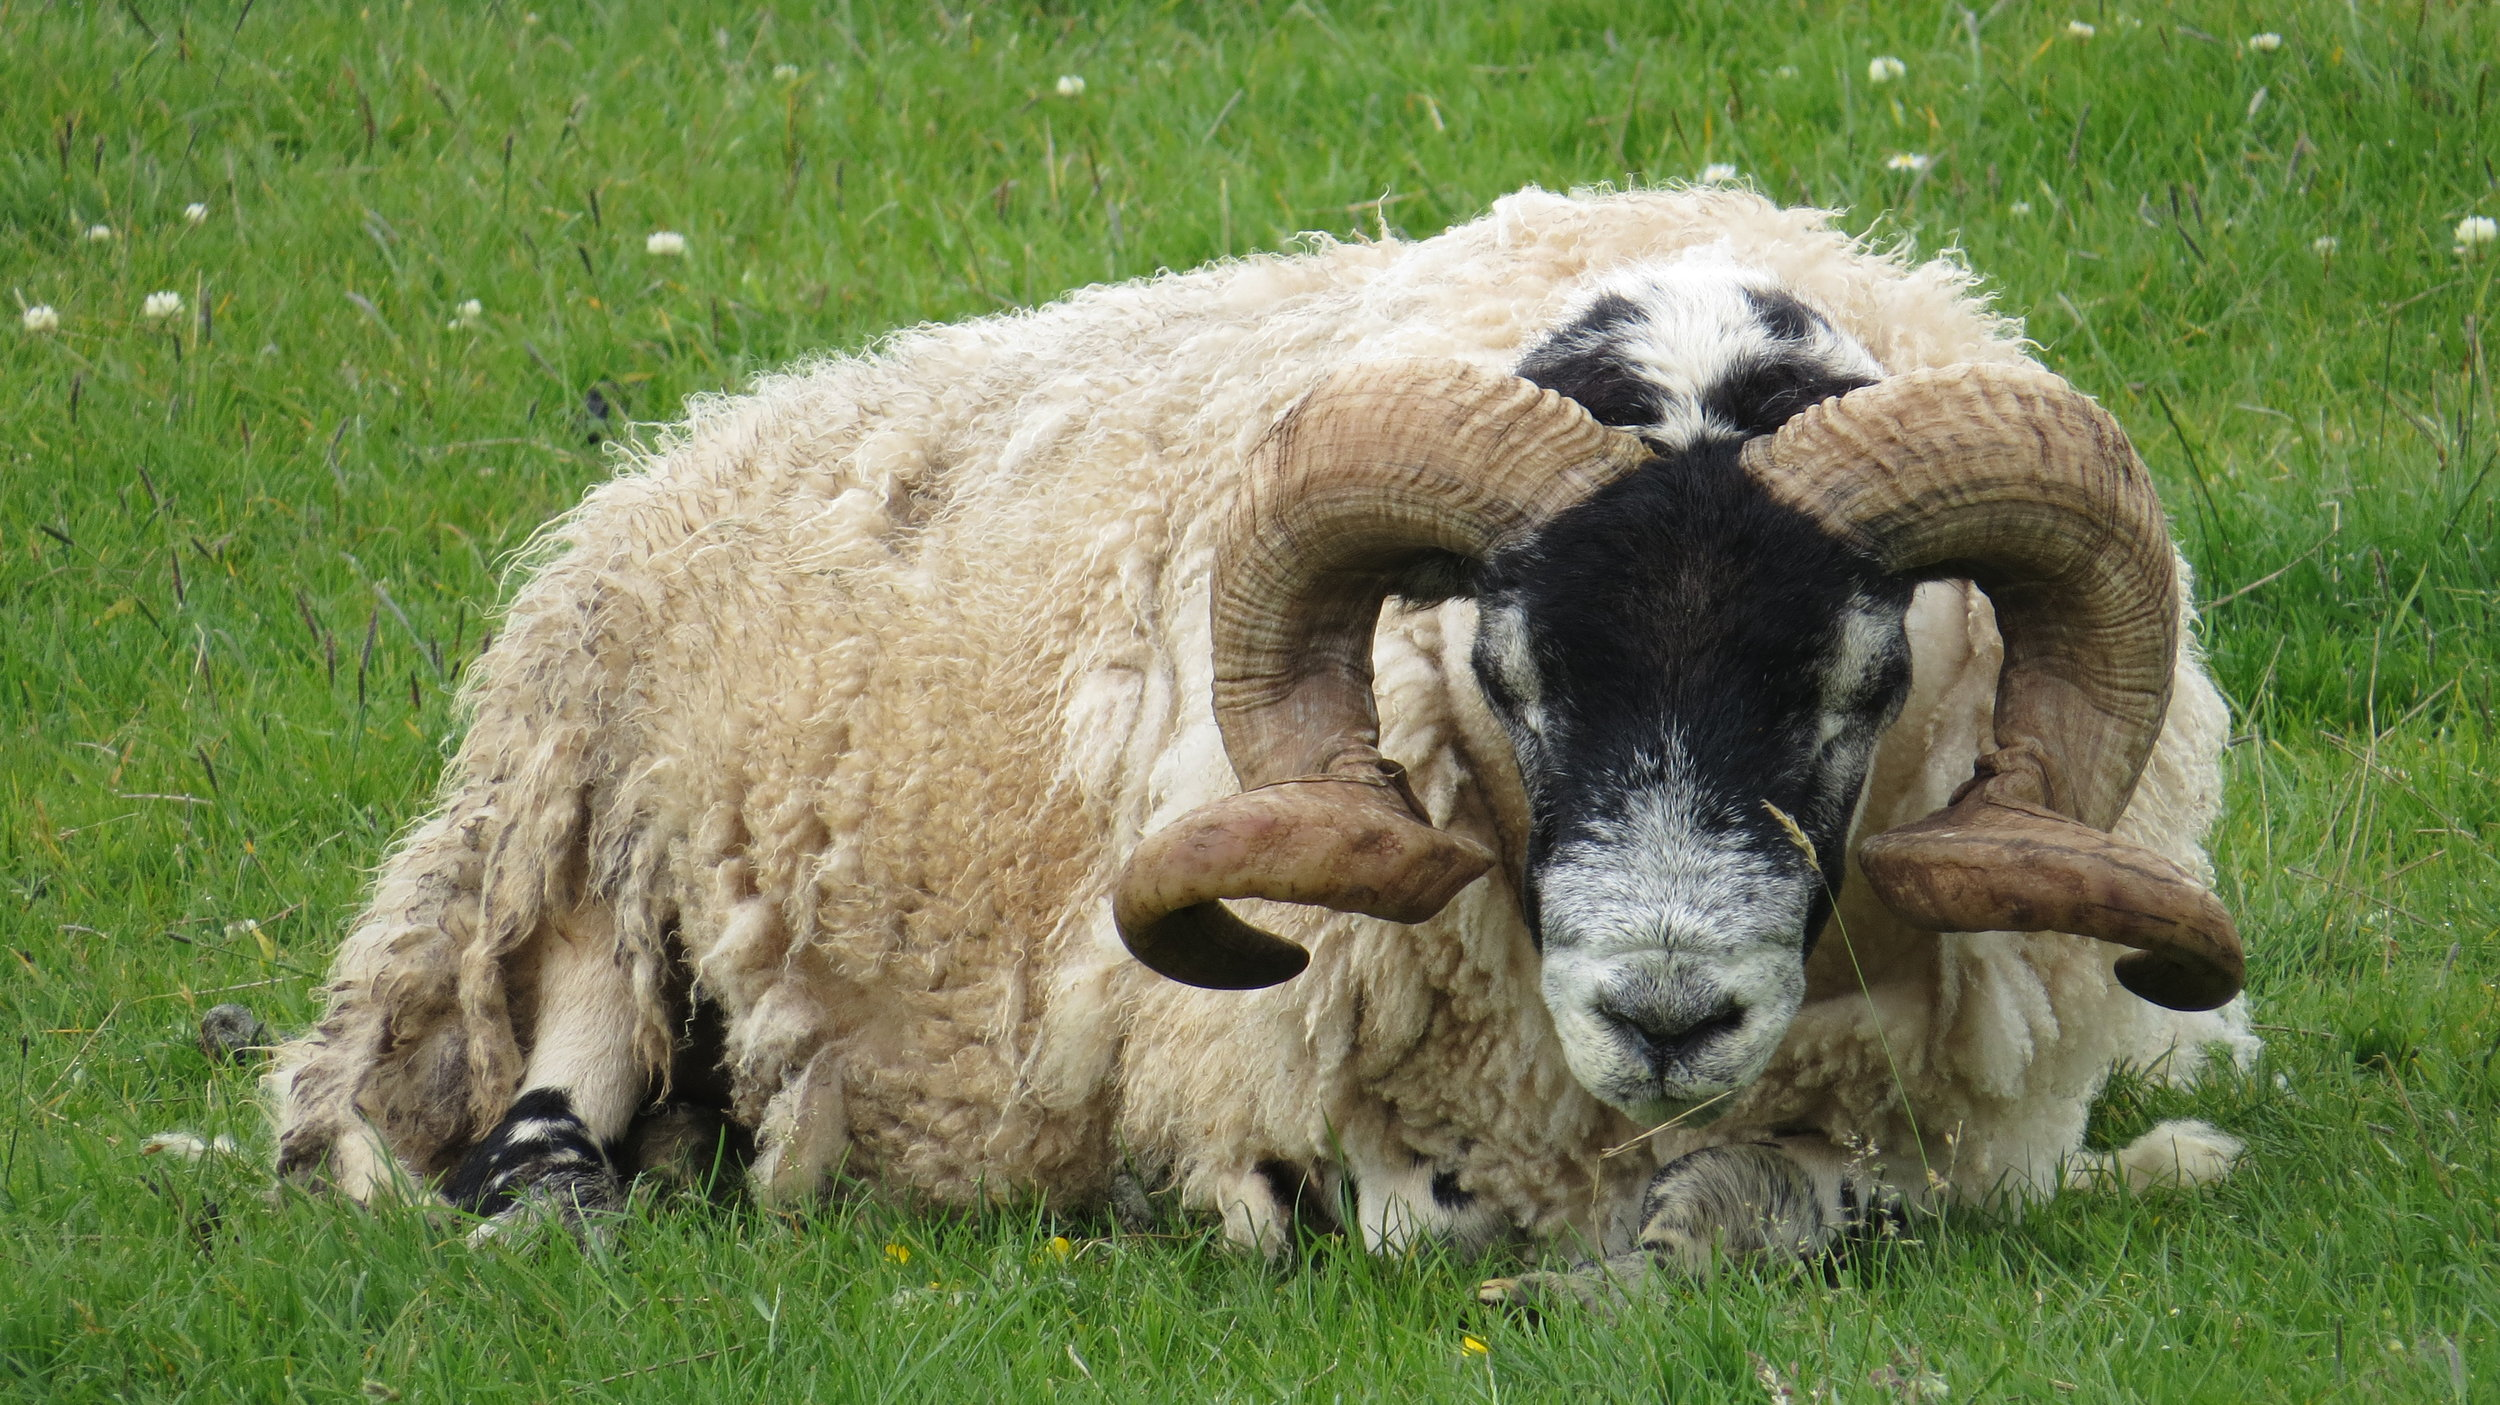 Horny Sheep